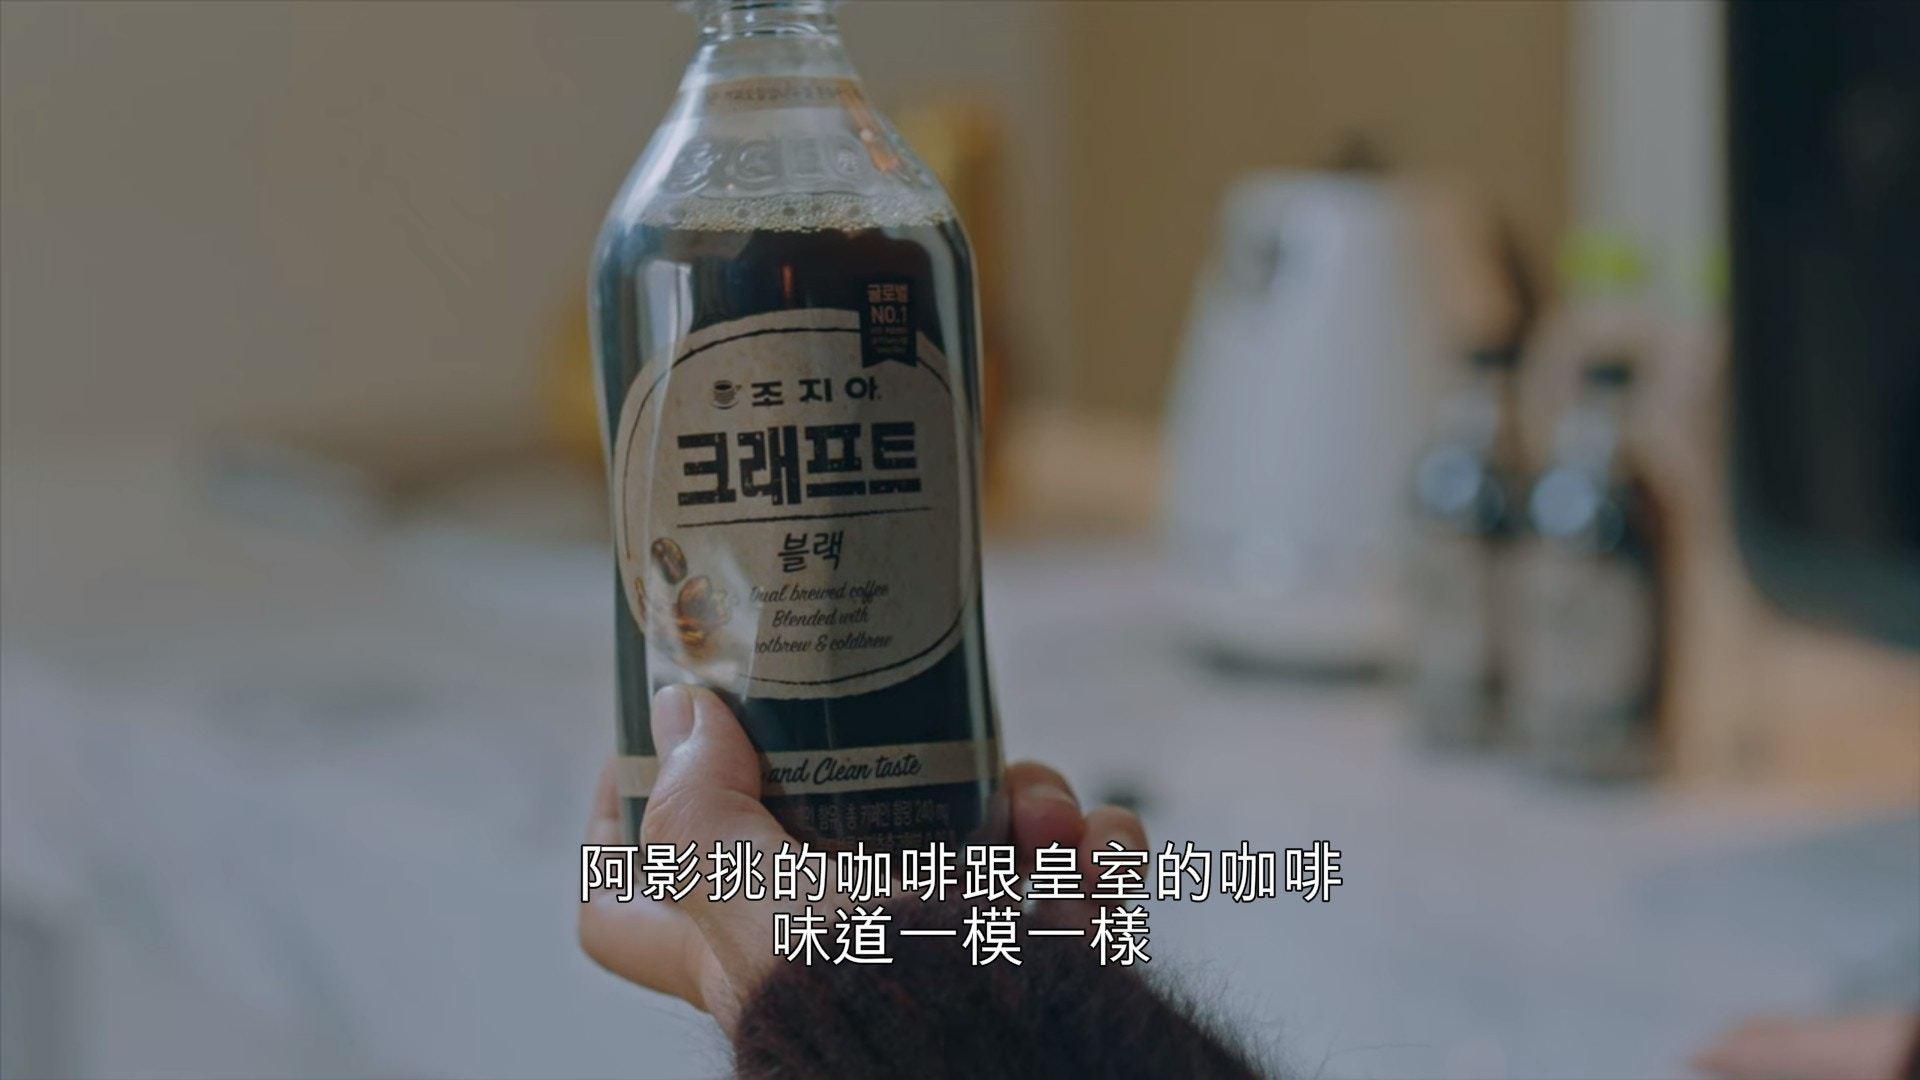 收视创新低!韩剧《国王:永远的君主》广告植入太生硬,引网友吐槽:这是电视剧还是购物广告?插图6